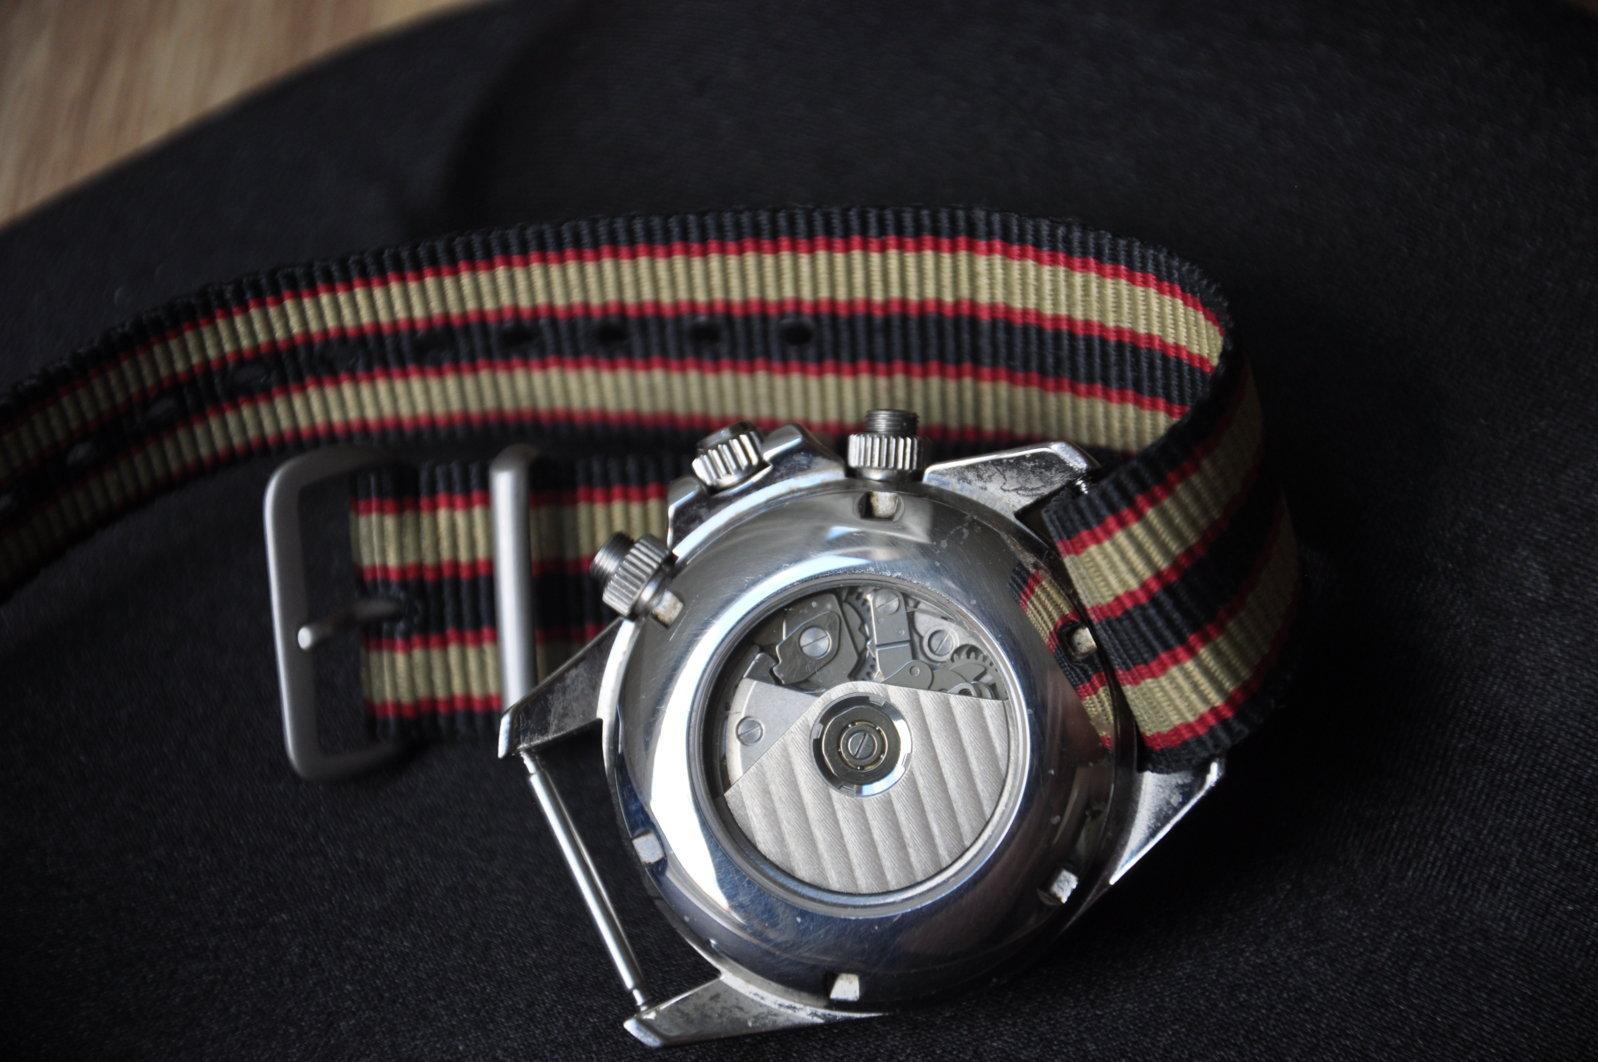 Valjoux 7750 No Dial dagsljus 038.JPG